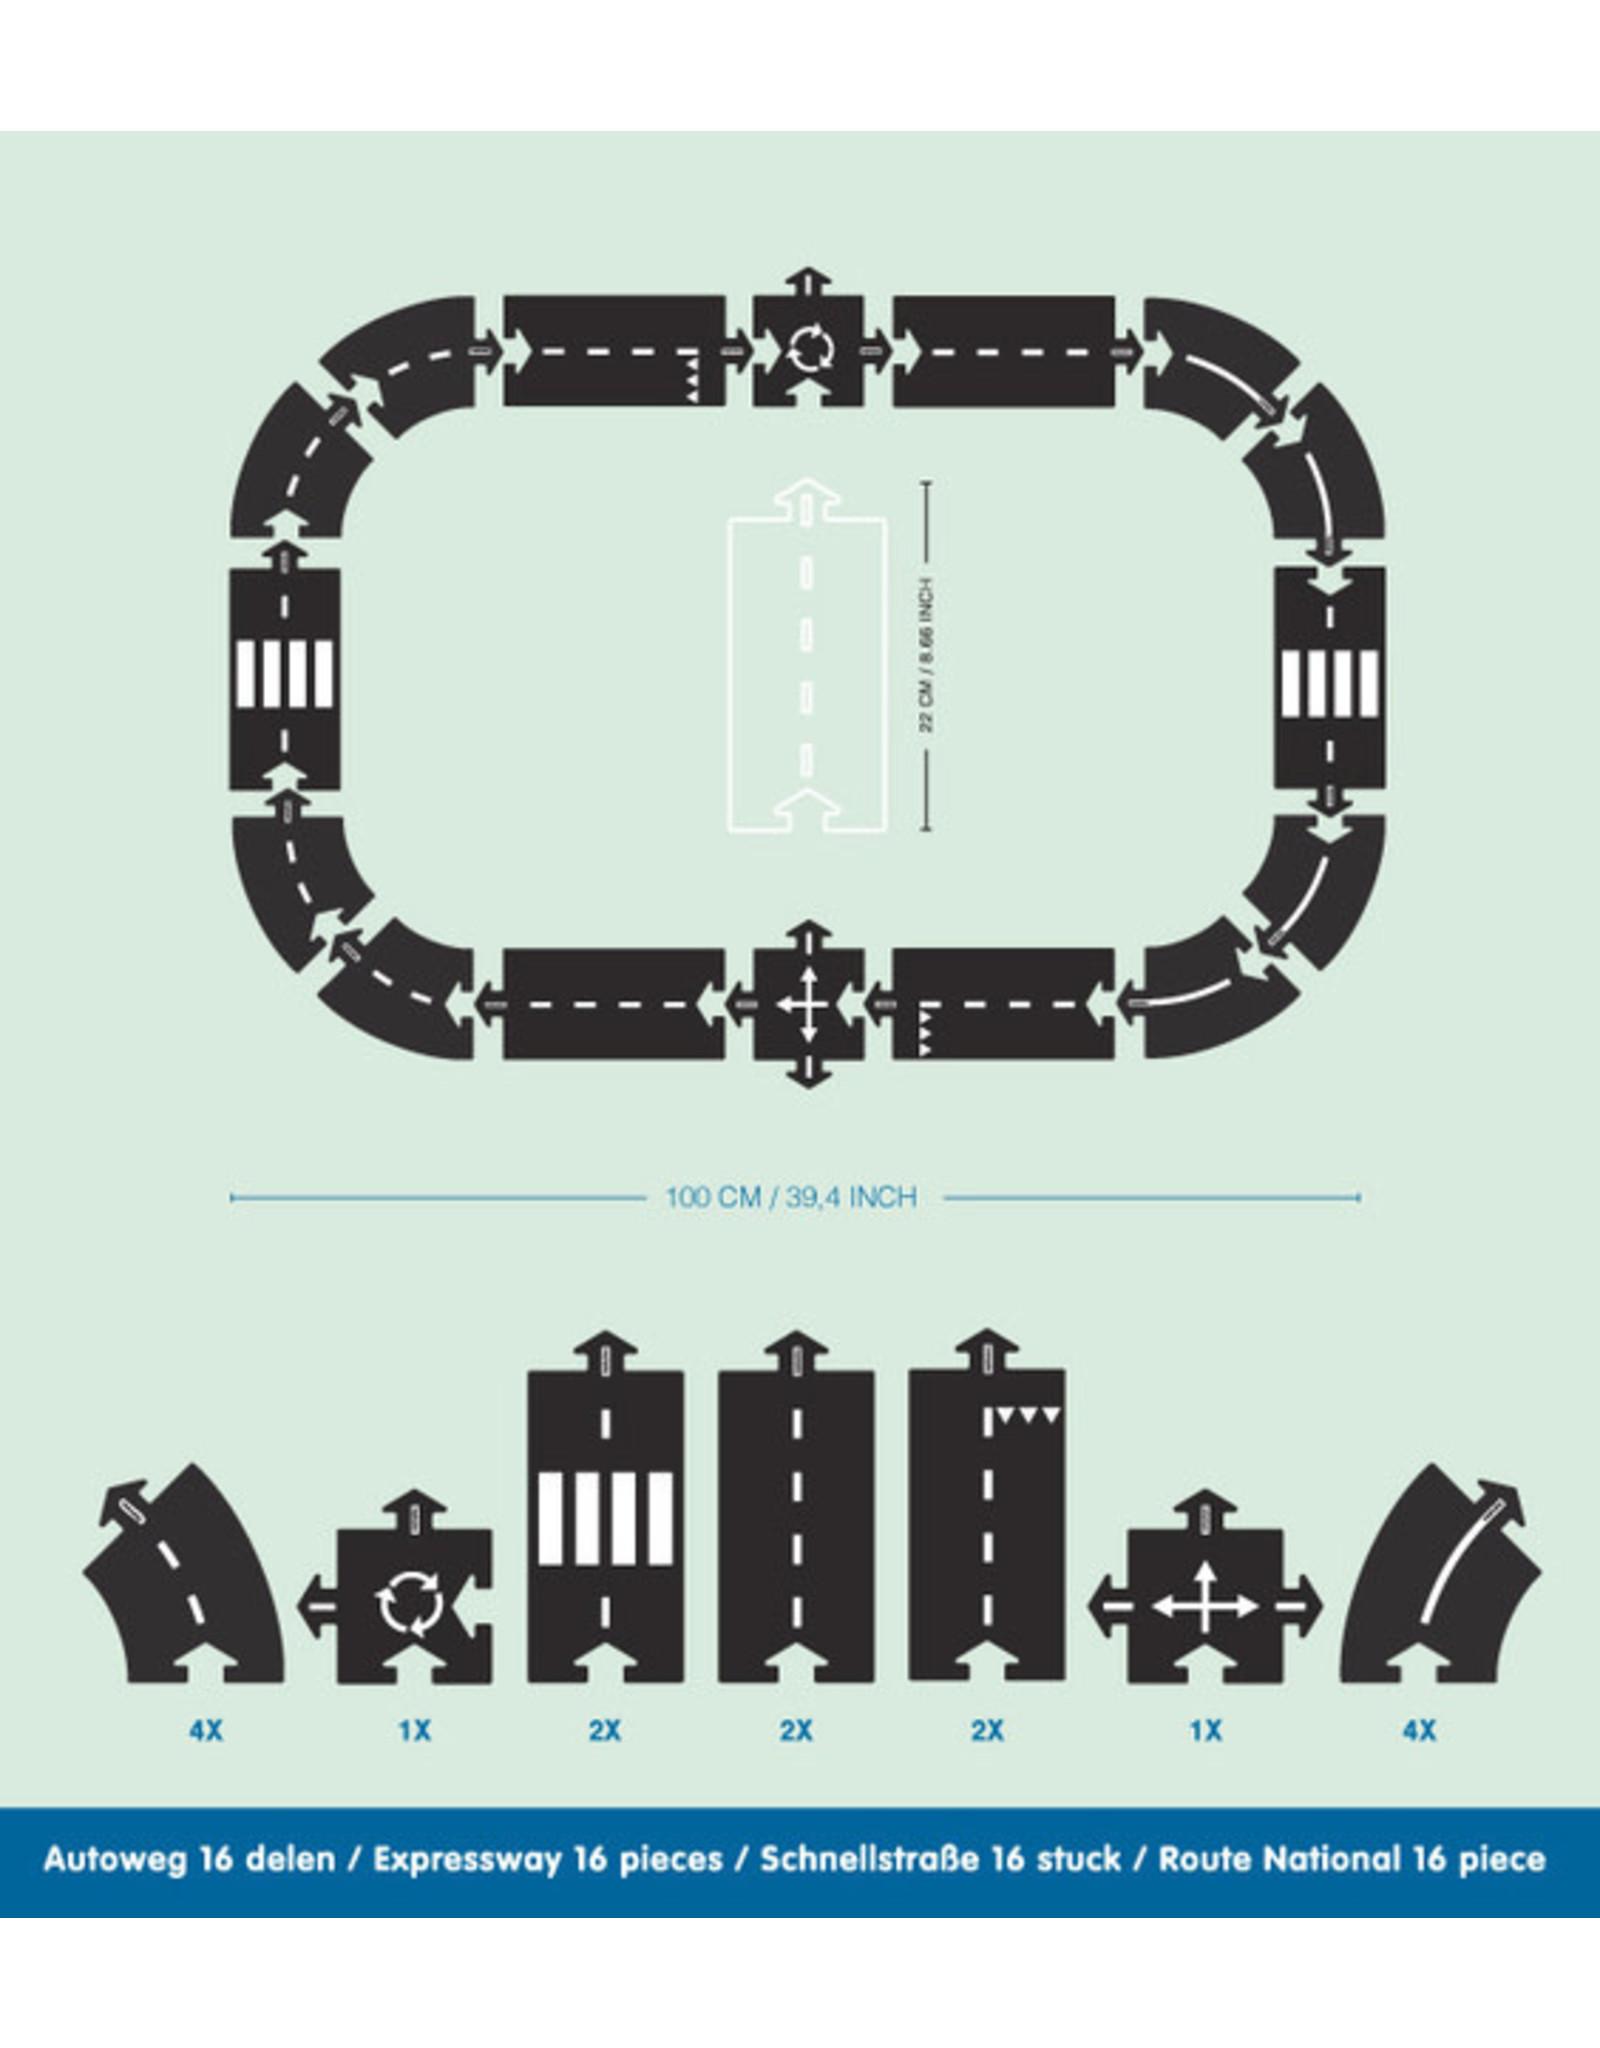 Way to play Circuit Express way  - 16 pieces